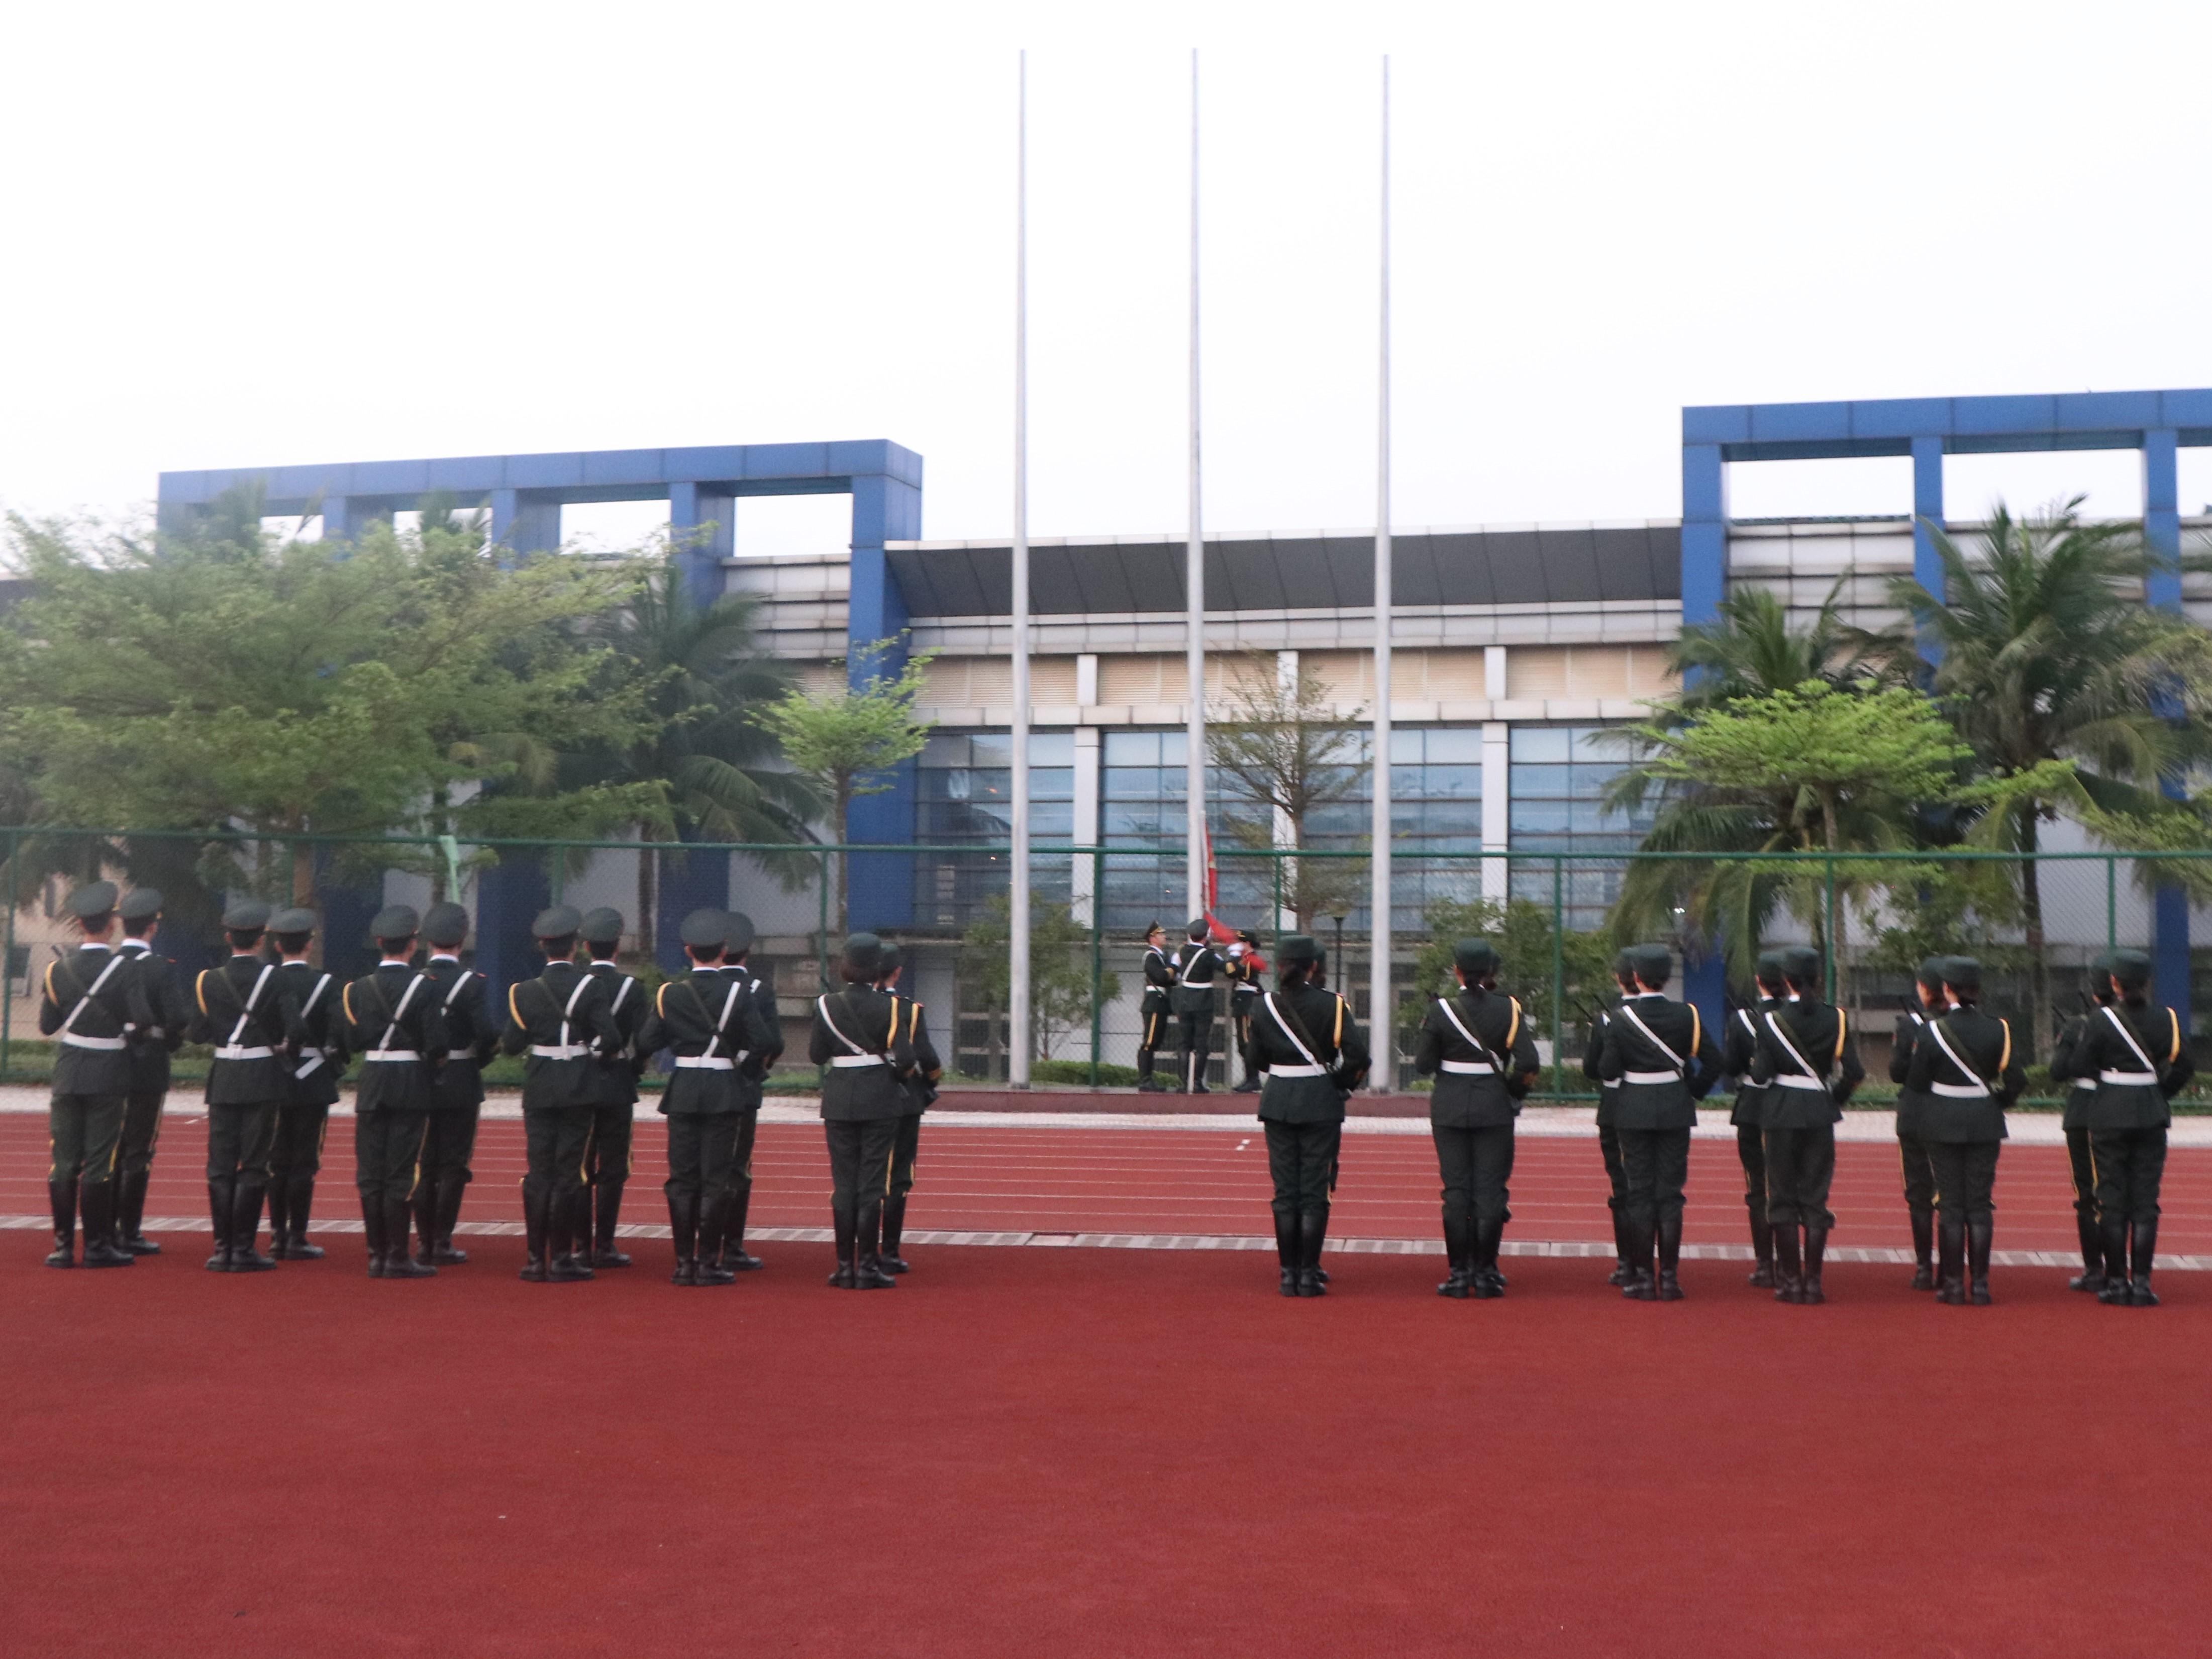 """践行志愿服务  成就美丽人生 ——新闻传播与影视学院举行""""国旗下讲话""""爱国主义教育"""